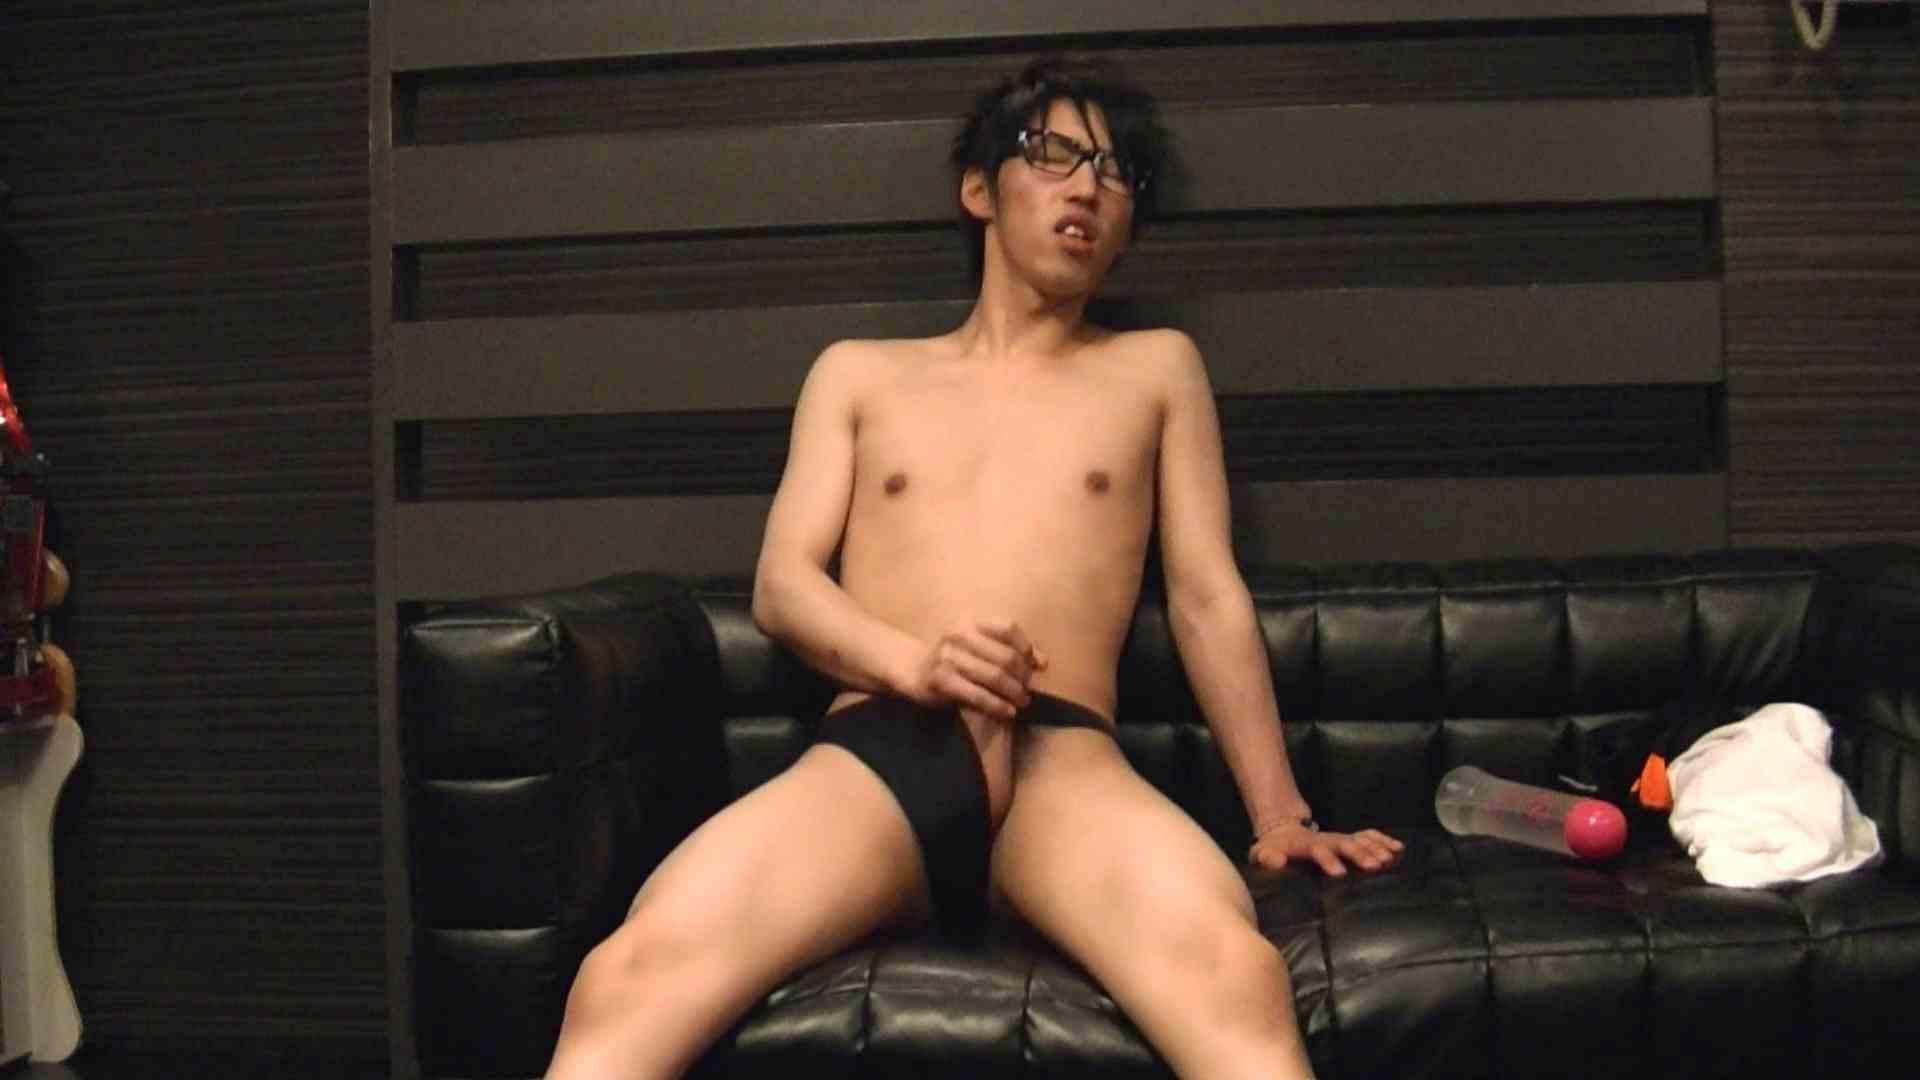 ゲイザーメン動画|Mr.オナックスさん投稿!HD 貴方のオナニー三万円で撮影させてください。VOL.04|投稿